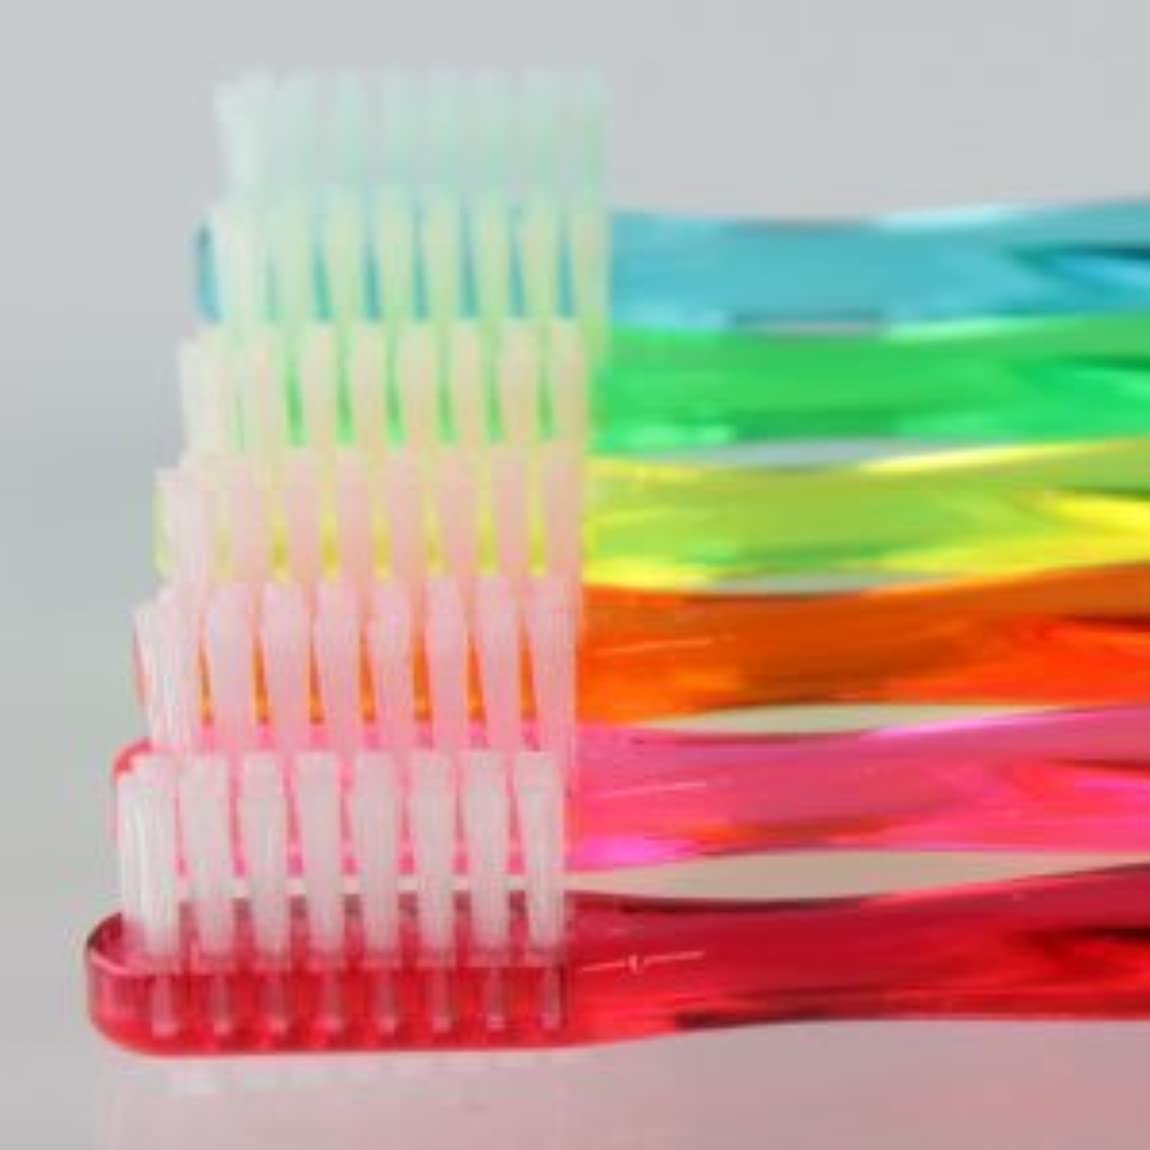 レクリエーション有罪ペレグリネーションサムフレンド 歯ブラシ #11(乳歯?永久歯の混合歯列期向け) 6本 ※お色は当店お任せです